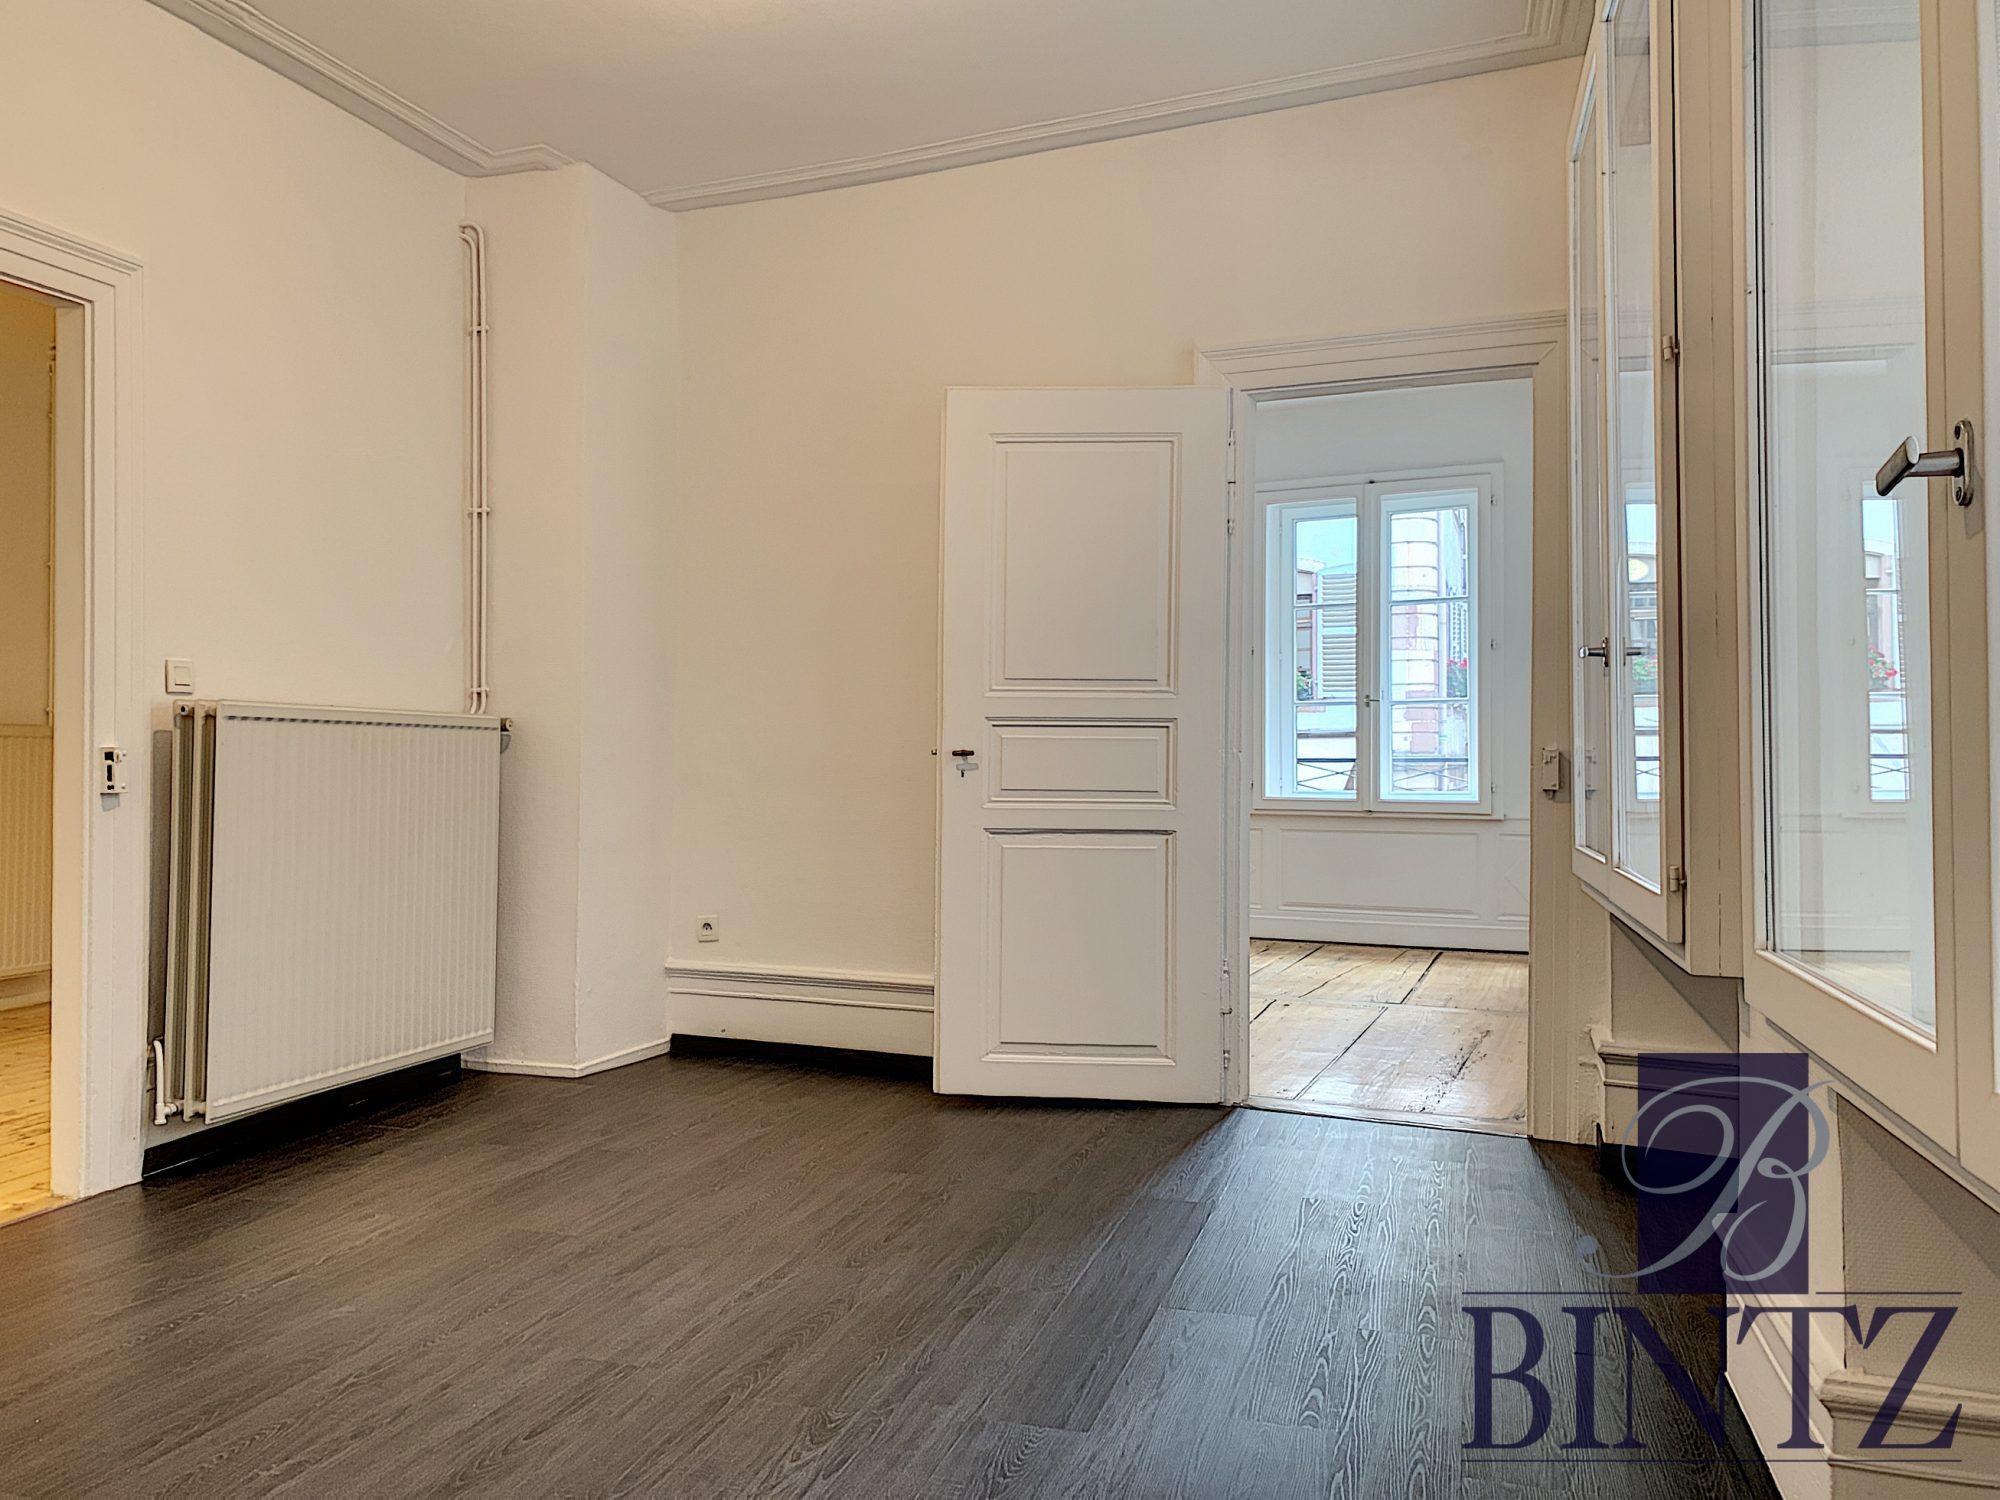 4 PIÈCES FACE A LA CATHÉDRALE - Devenez locataire en toute sérénité - Bintz Immobilier - 7